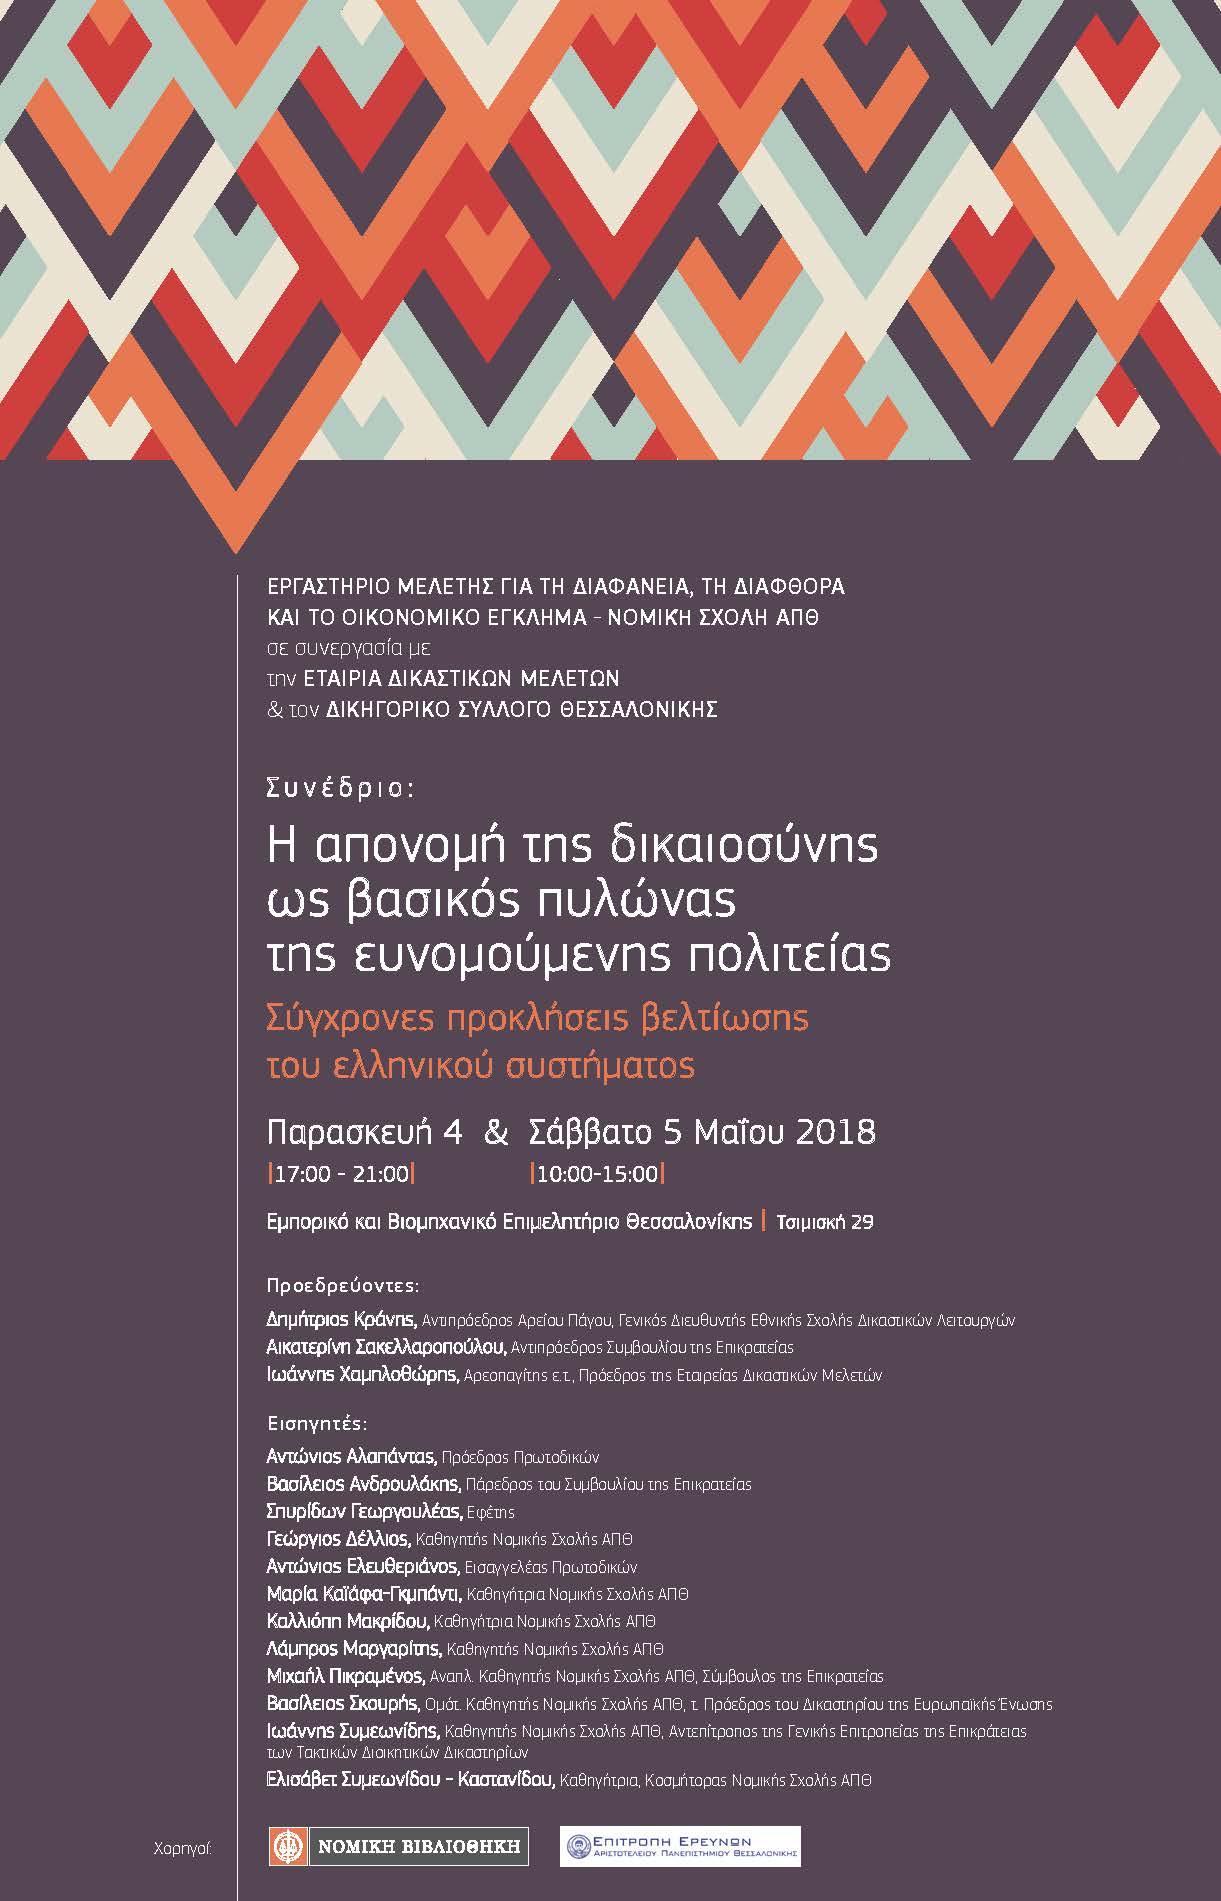 Συνέδριο: «Η απονομή της δικαιοσύνης ως βασικός πυλώνας της ευνομούμενης πολιτείας: Σύγχρονες προκλήσεις βελτίωσης του ελληνικού συστήματος», Παρασκευή 4 & Σάββατο 5 Μαΐου 2018, Εμπορικό και Βιομηχανικό Επιμελητήριο Θεσσαλονίκης